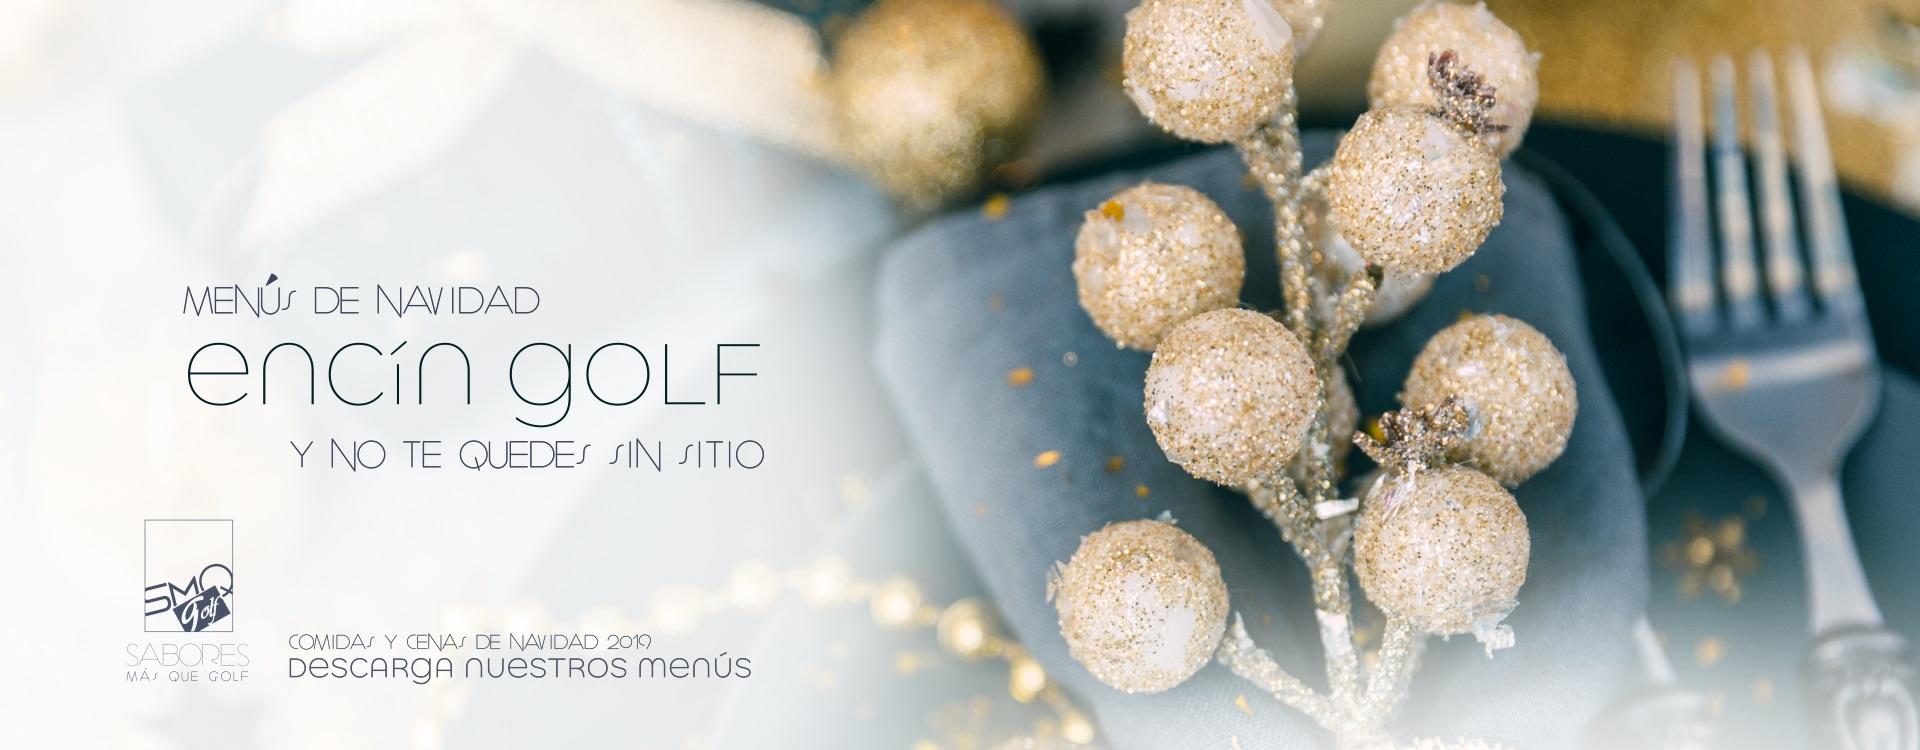 Sabores Más que Golf descubre nuestros menús de Navidad